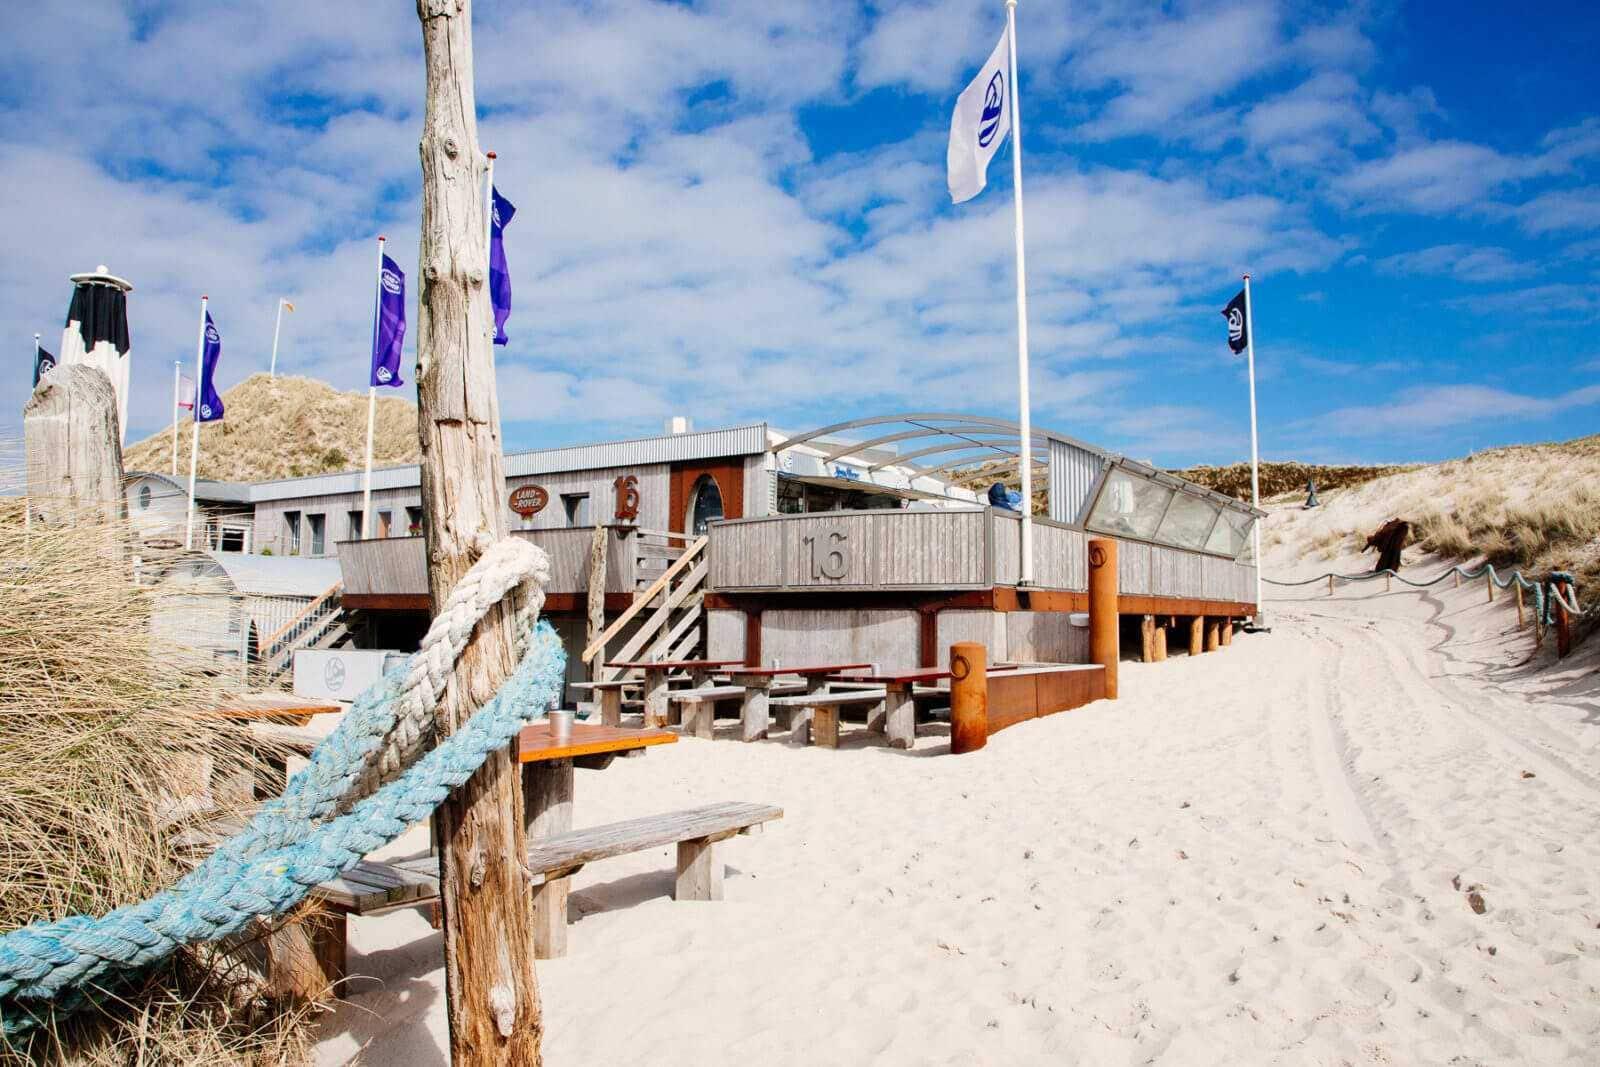 Sylt Sehenswürdigkeiten Buhne 16 Kampen Strandbar